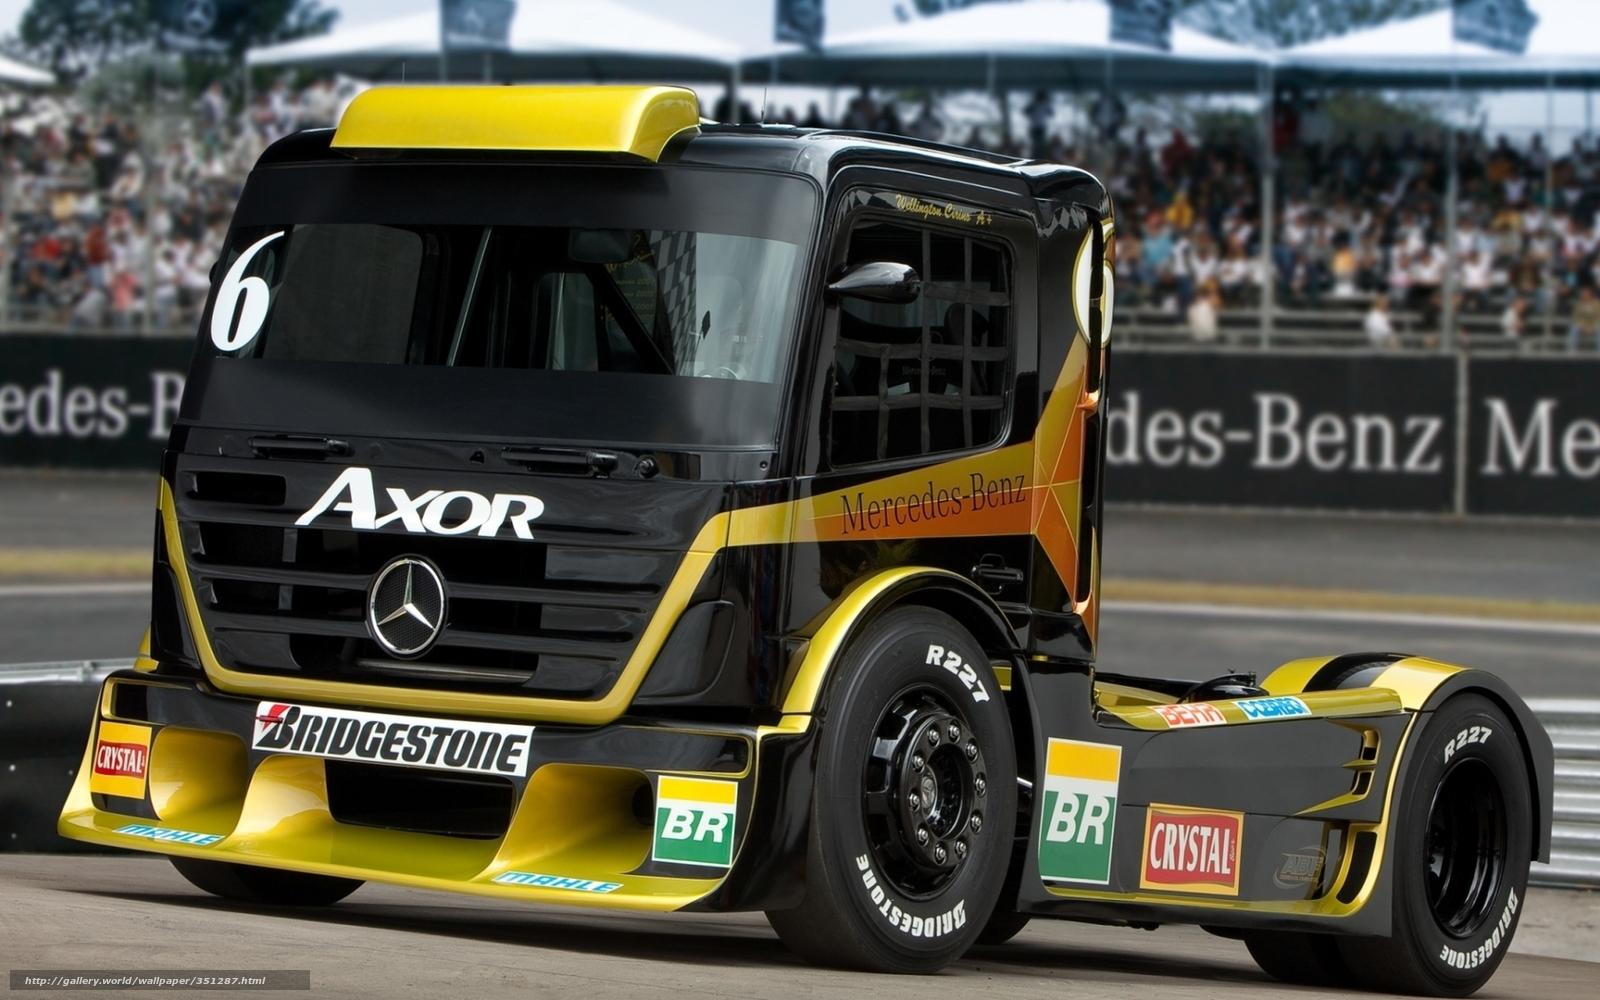 Tlcharger Fond d'ecran Mercedes, camion, voiture de course, avant Fonds d'ecran gratuits pour ...